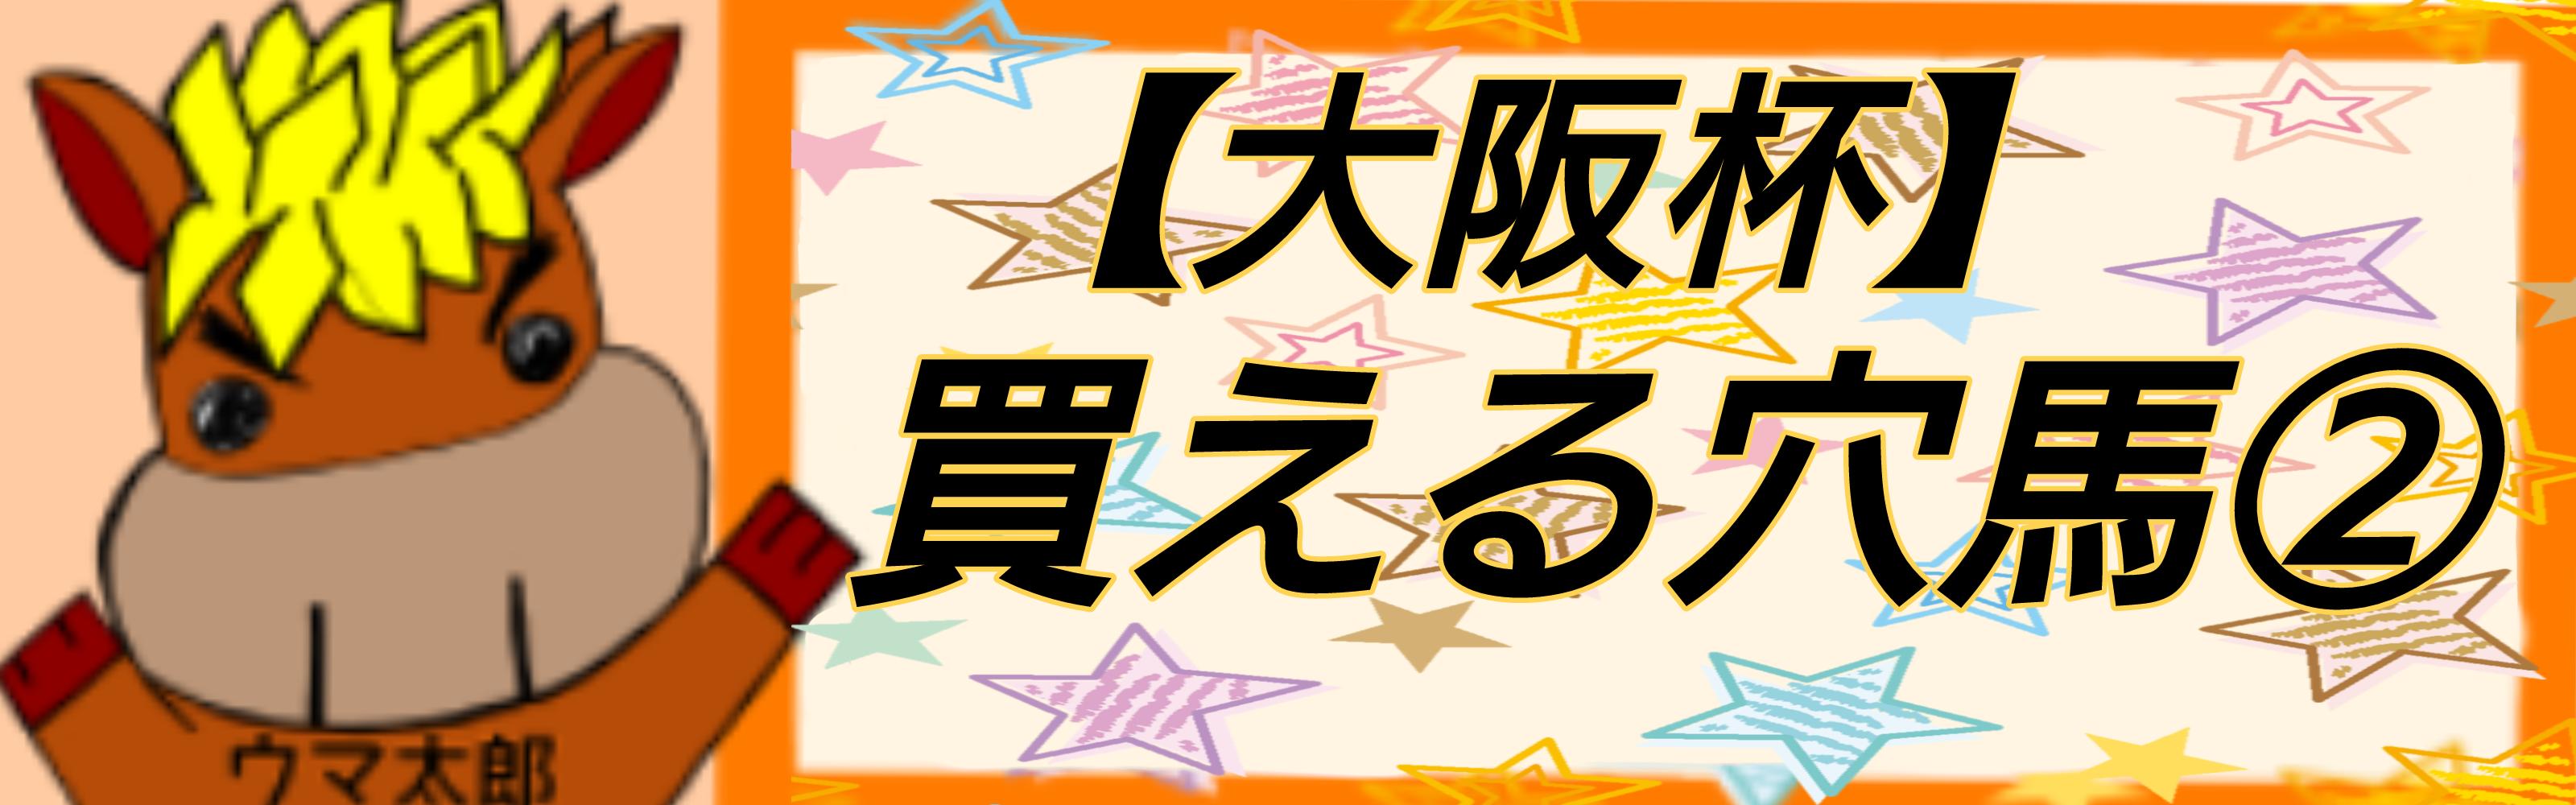 大阪杯 買える穴馬2